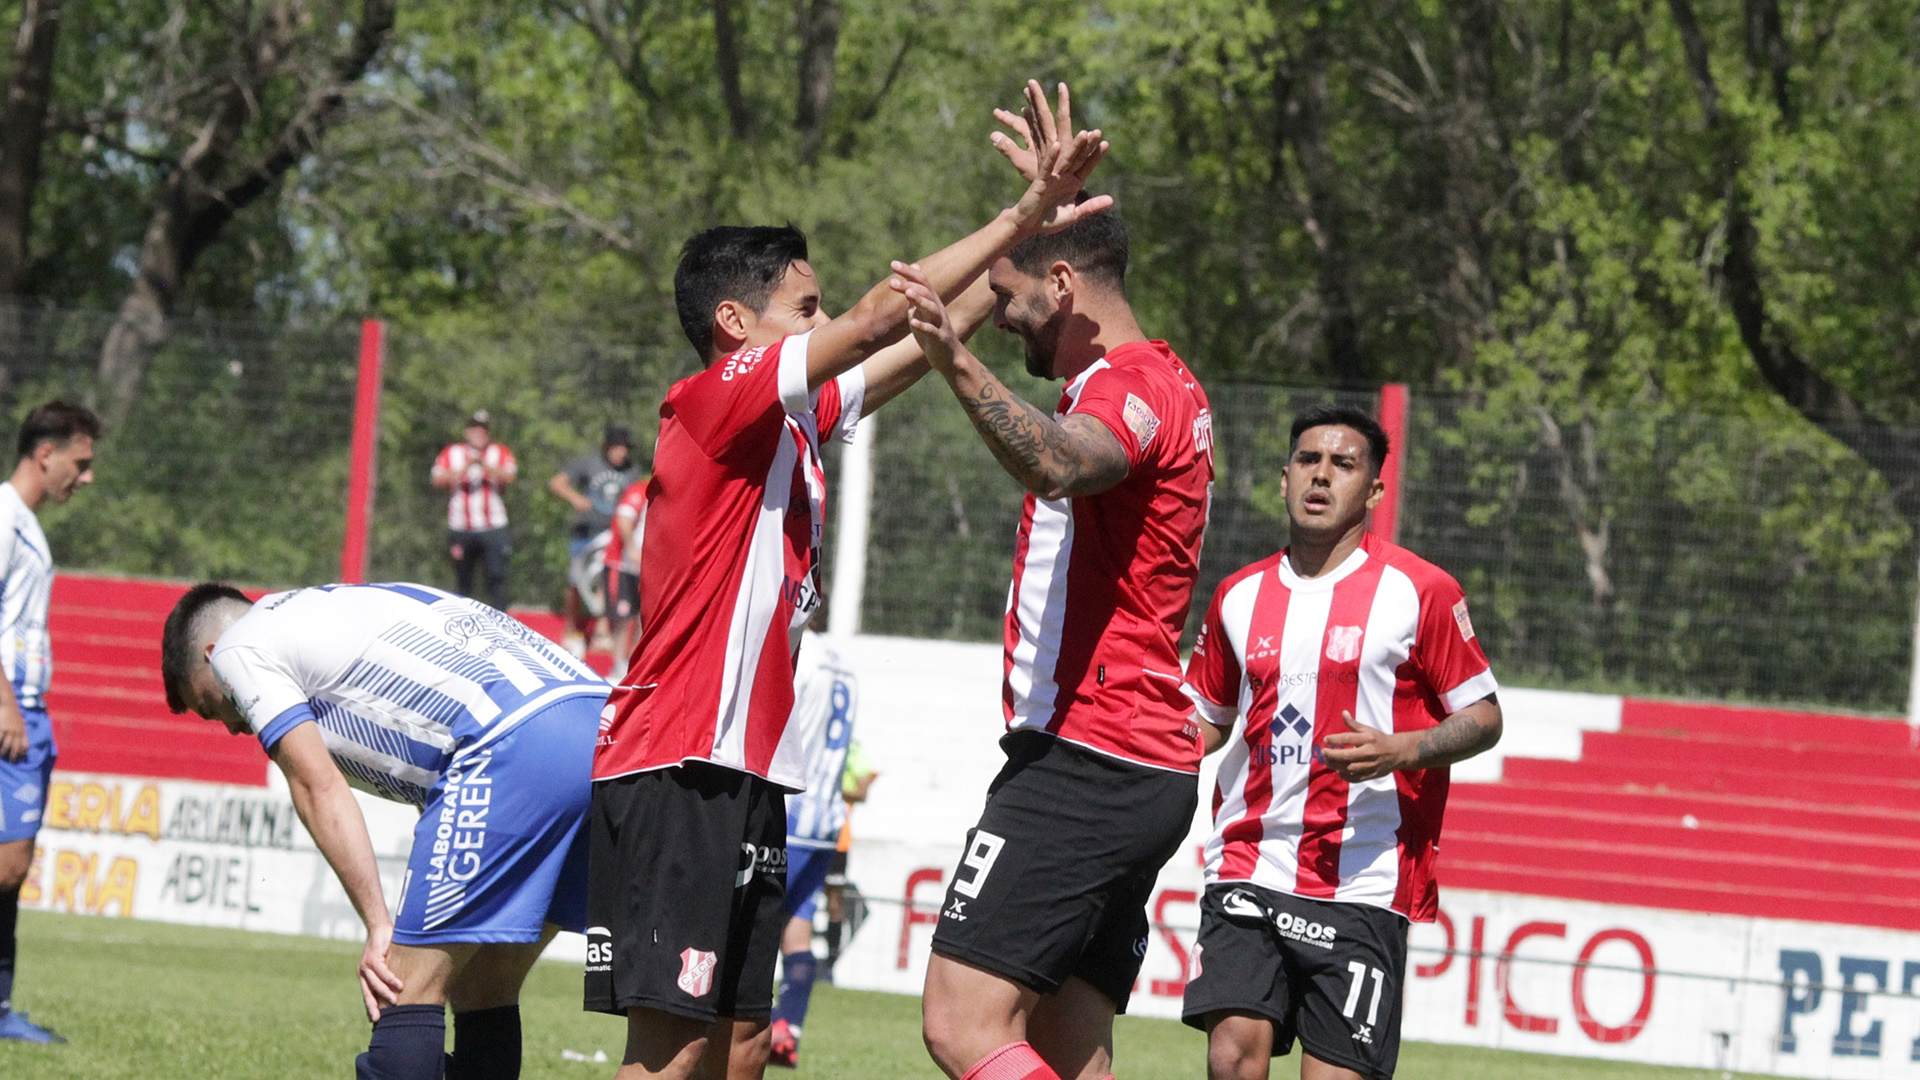 Liga Pampeana: Costa y Ferro golearon y All Boys de Trenel sorprendió a Rácing de Castex